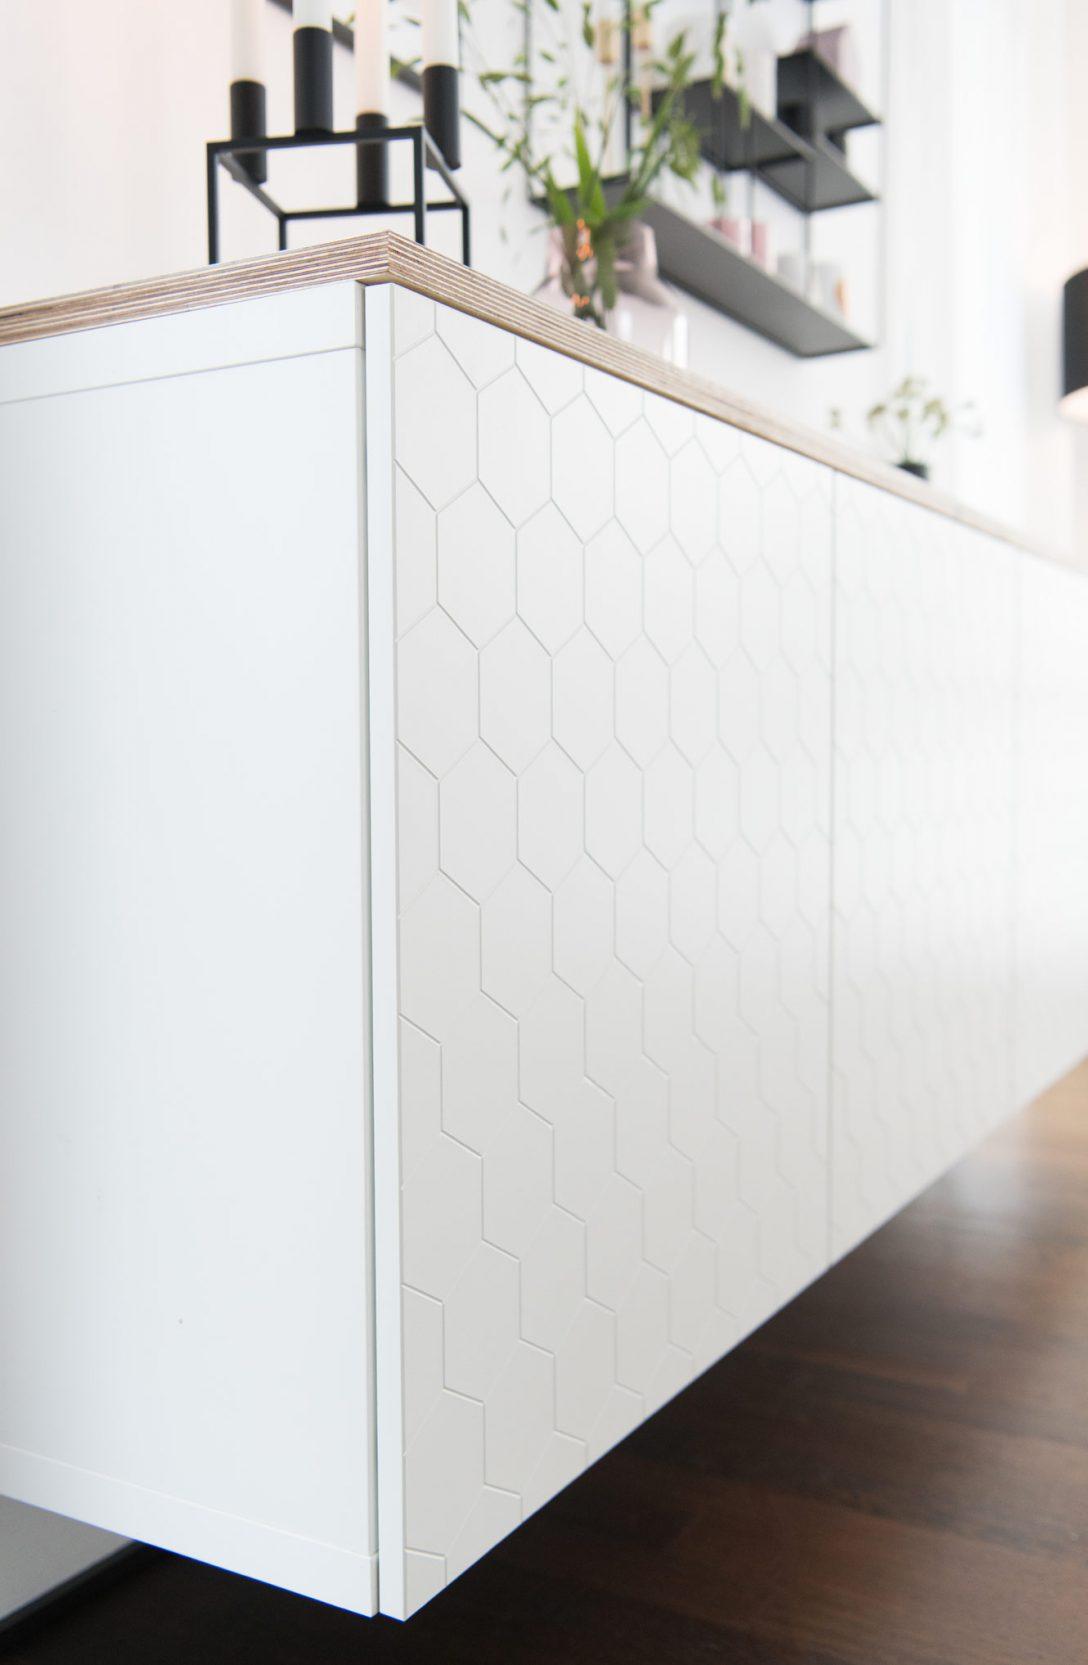 Large Size of Ikea Sideboard Küche Kosten Betten 160x200 Sofa Mit Schlaffunktion Miniküche Wohnzimmer Bei Arbeitsplatte Modulküche Kaufen Wohnzimmer Ikea Sideboard